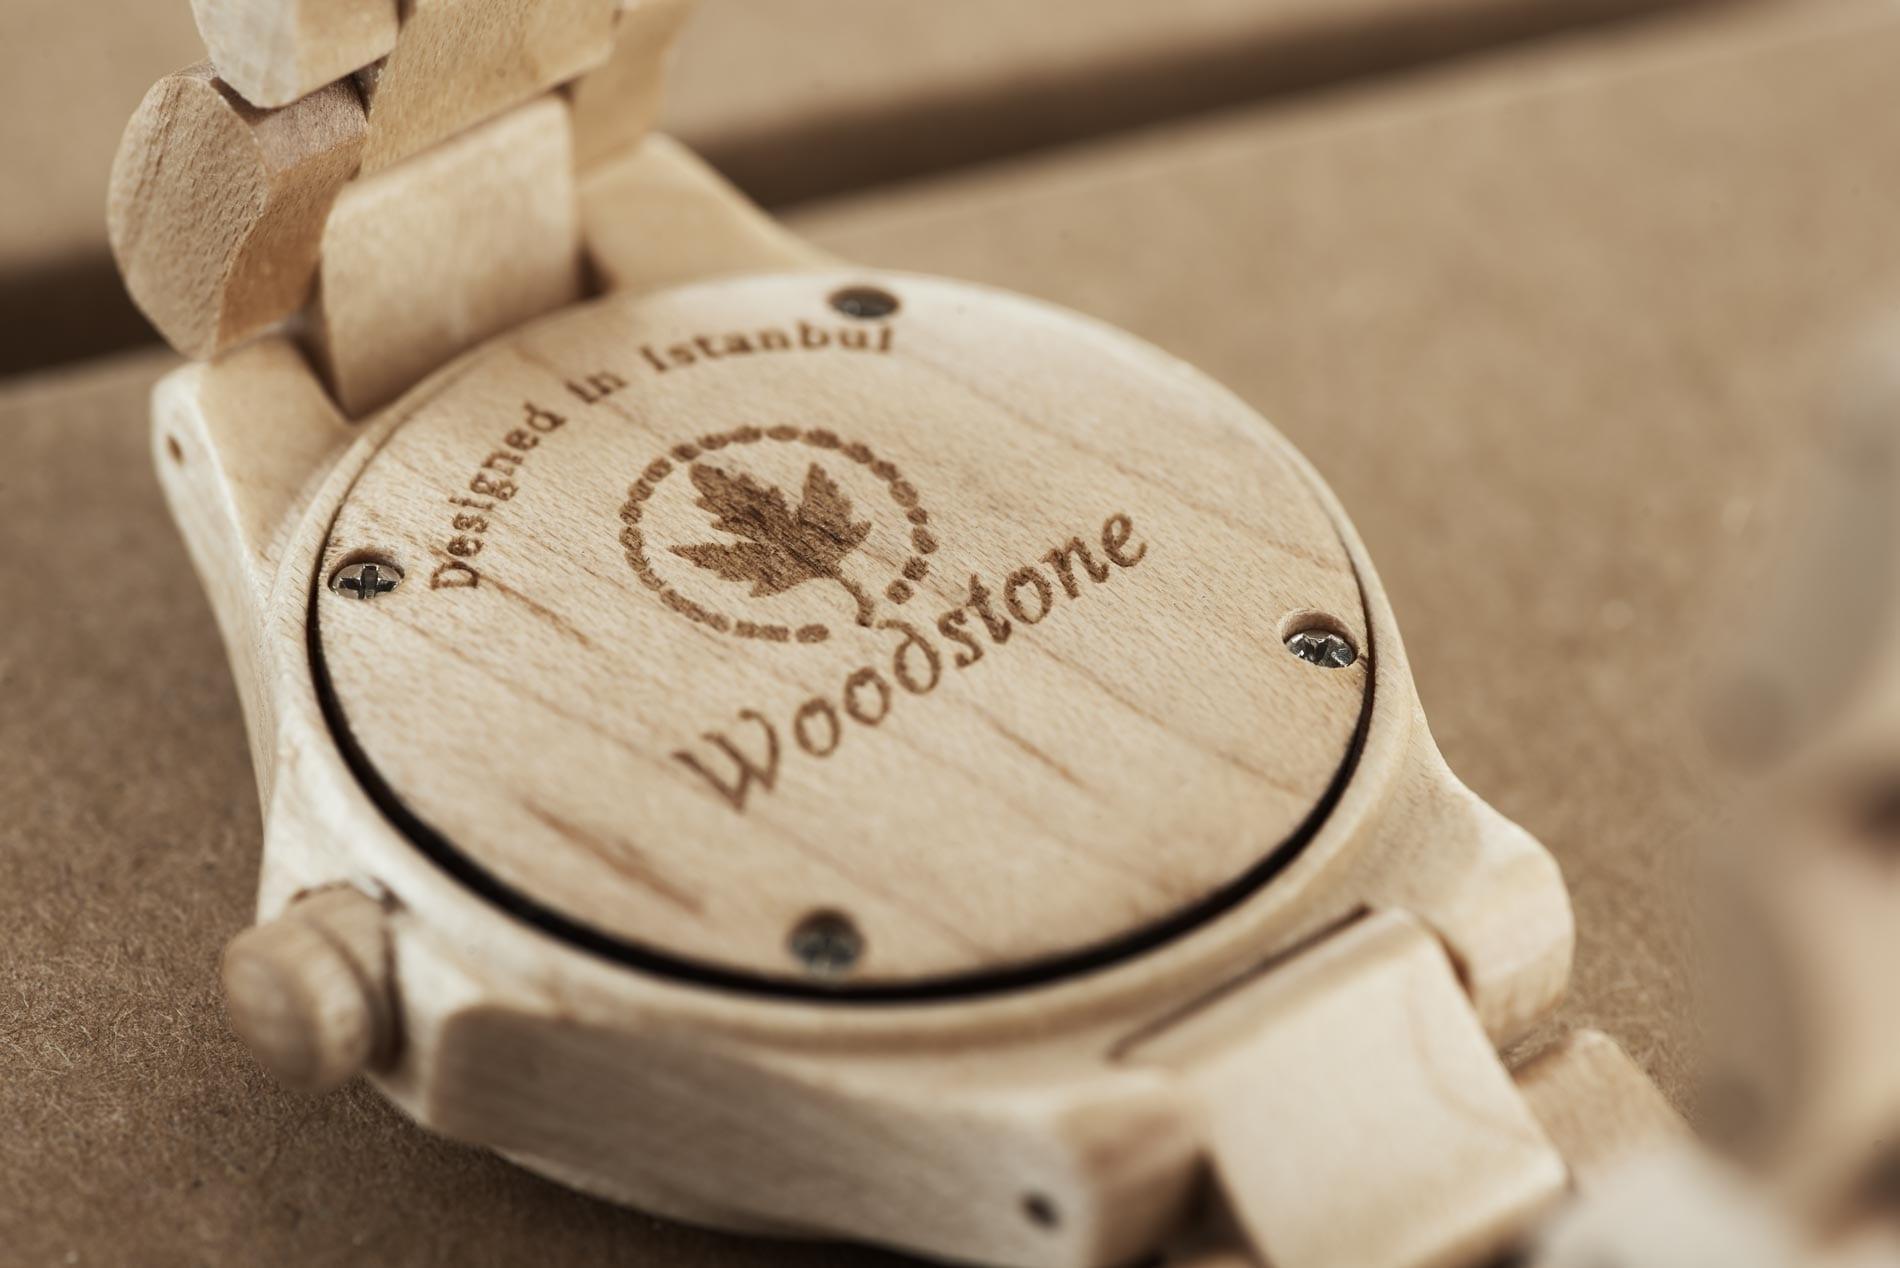 Woodstone11240